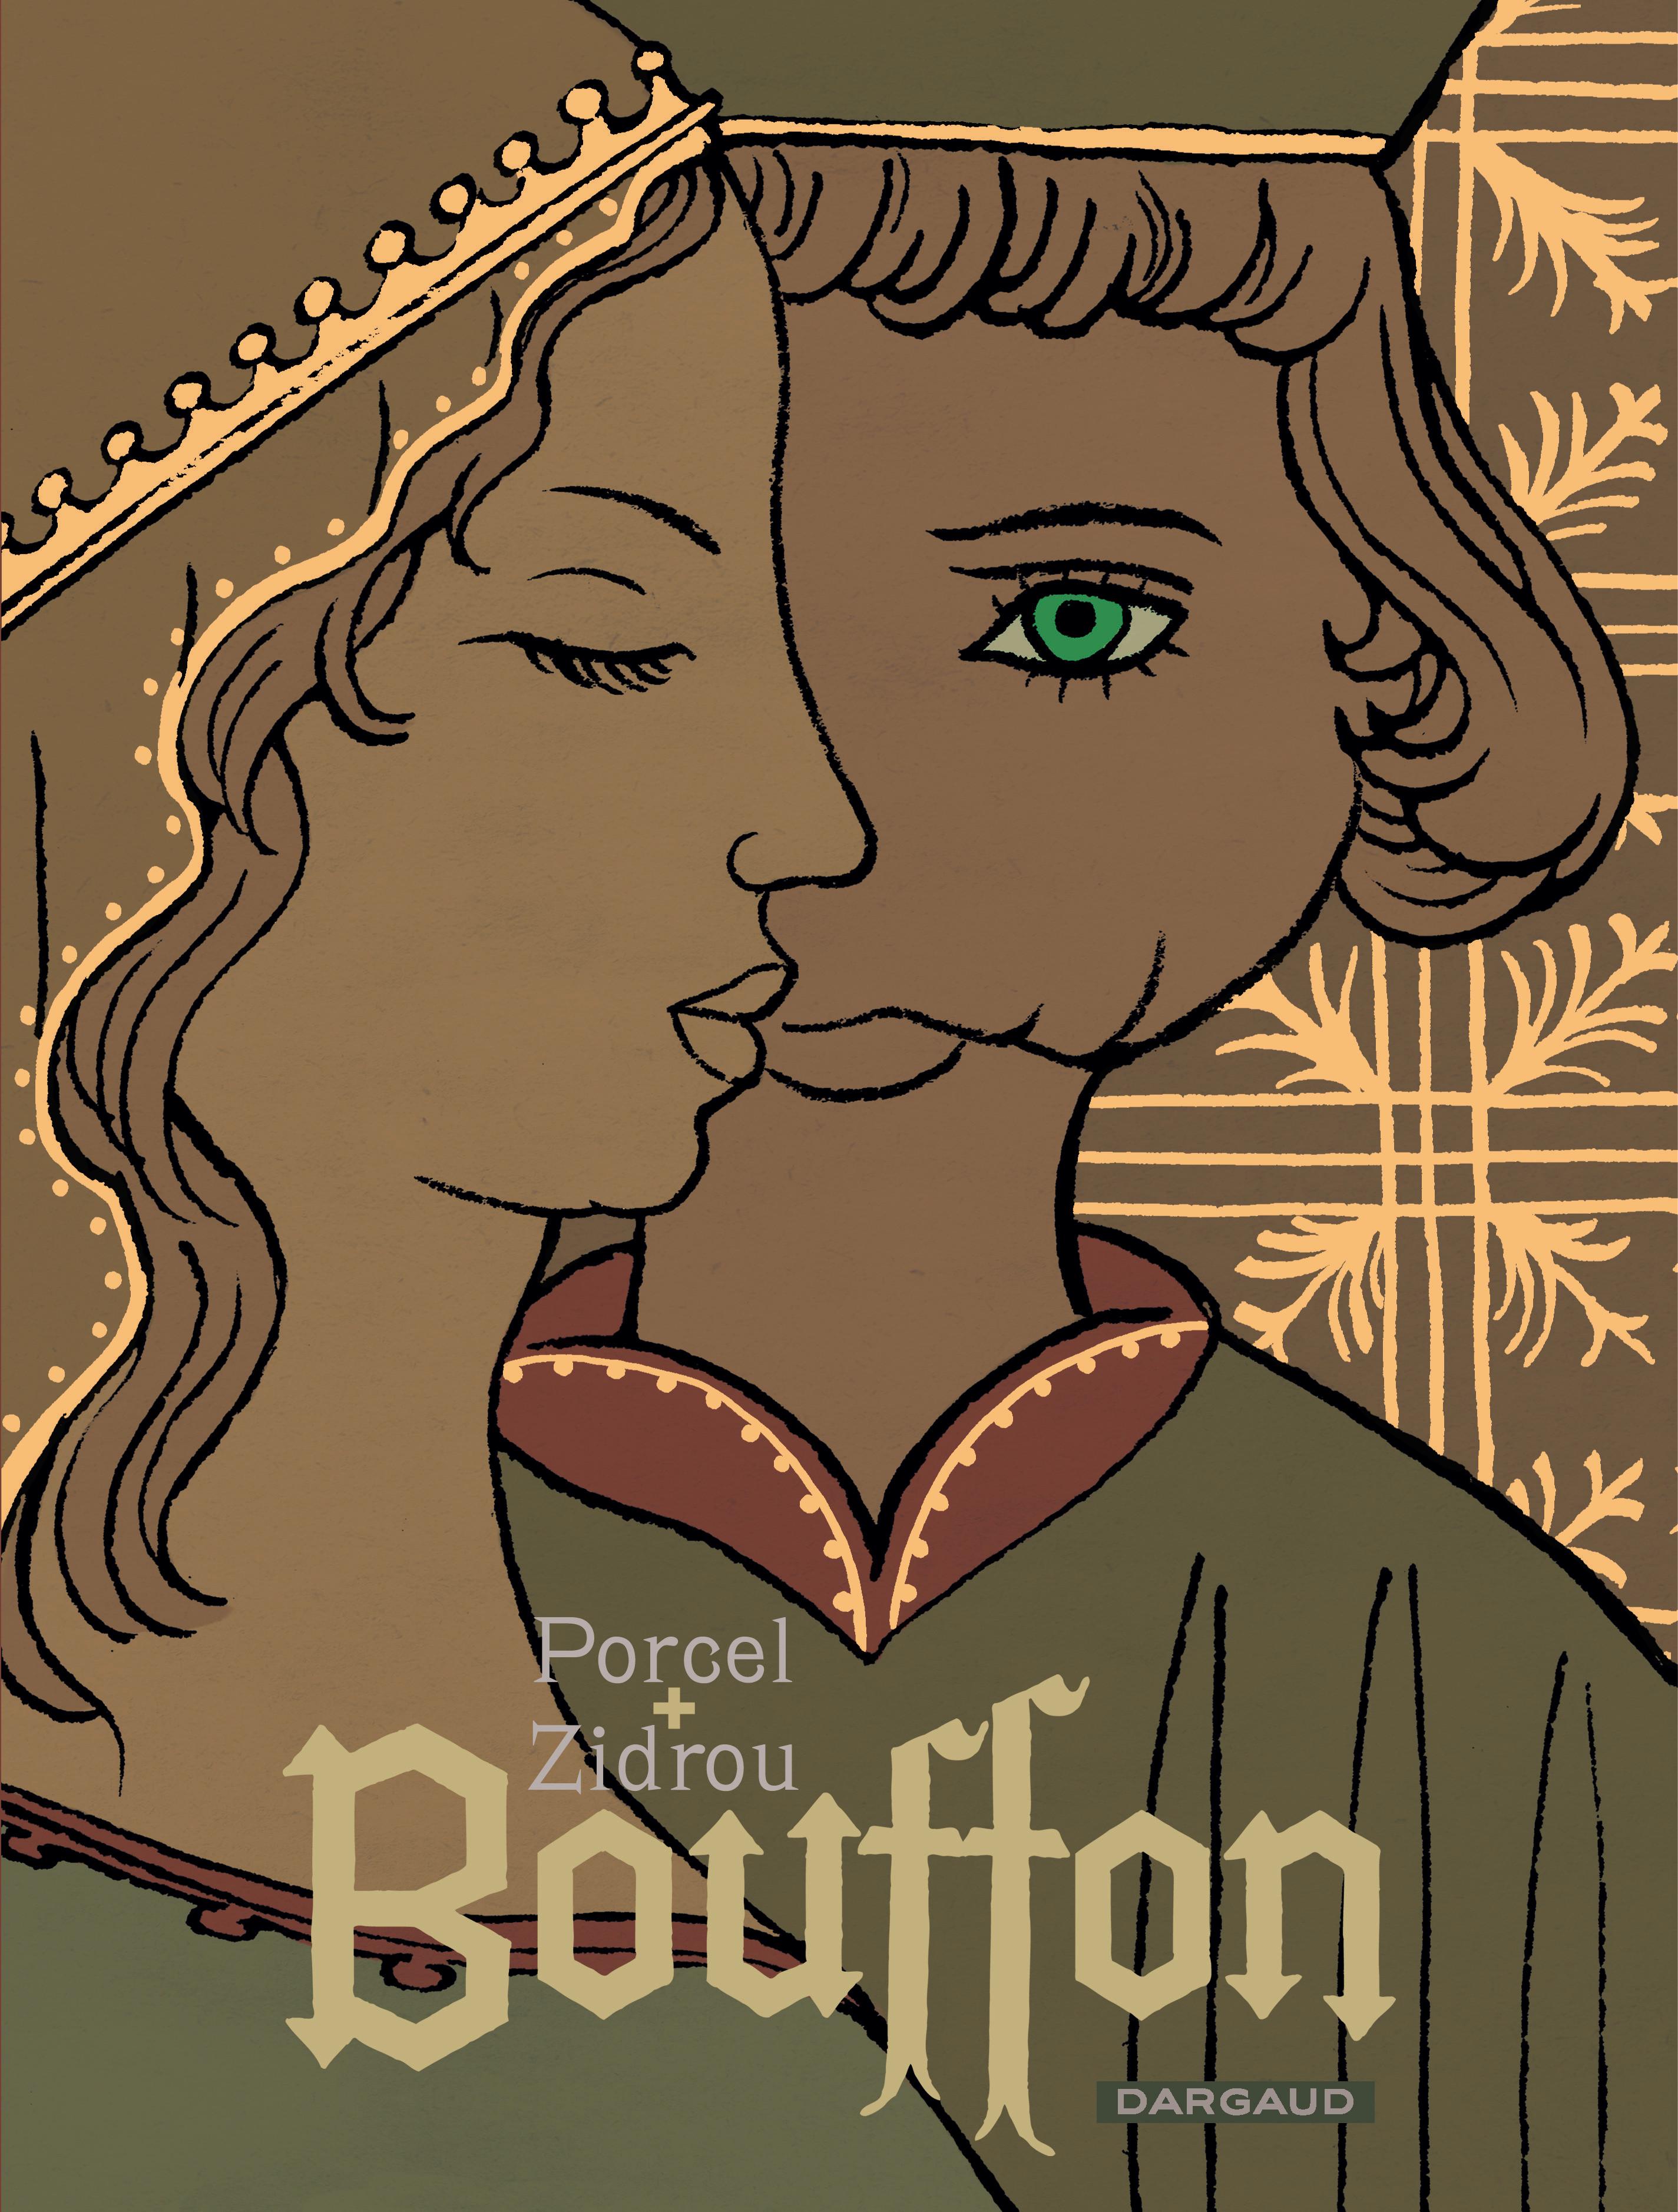 Bouffon, Zidrou conteur à la Villon et Porcel le 15 octobre à Montpellier